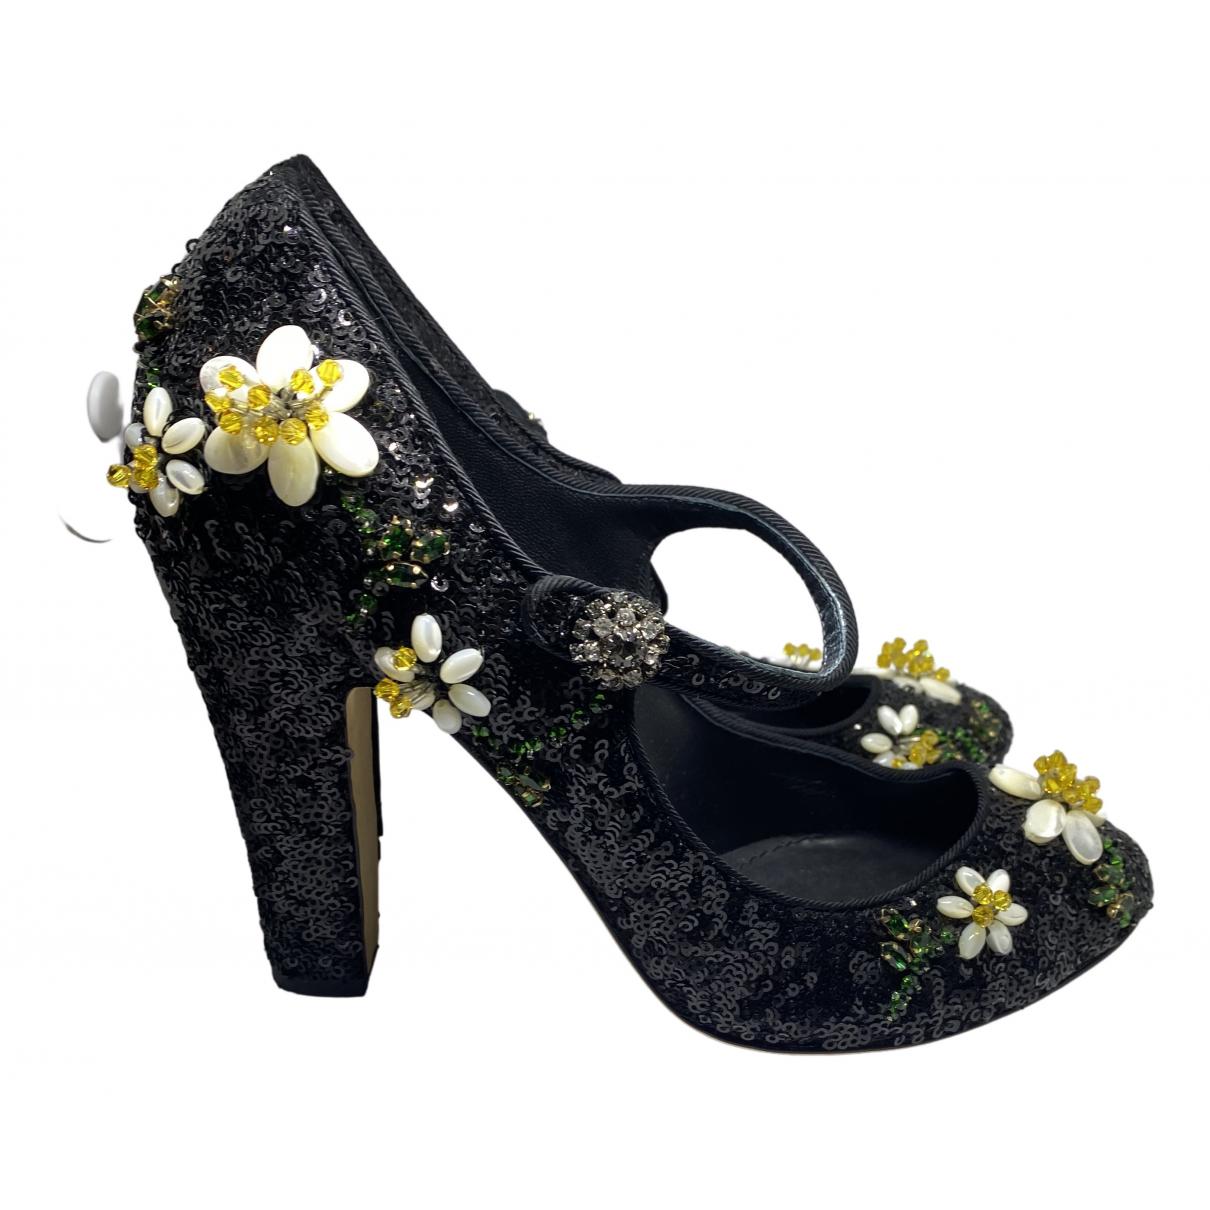 Dolce & Gabbana - Sandales   pour femme - multicolore